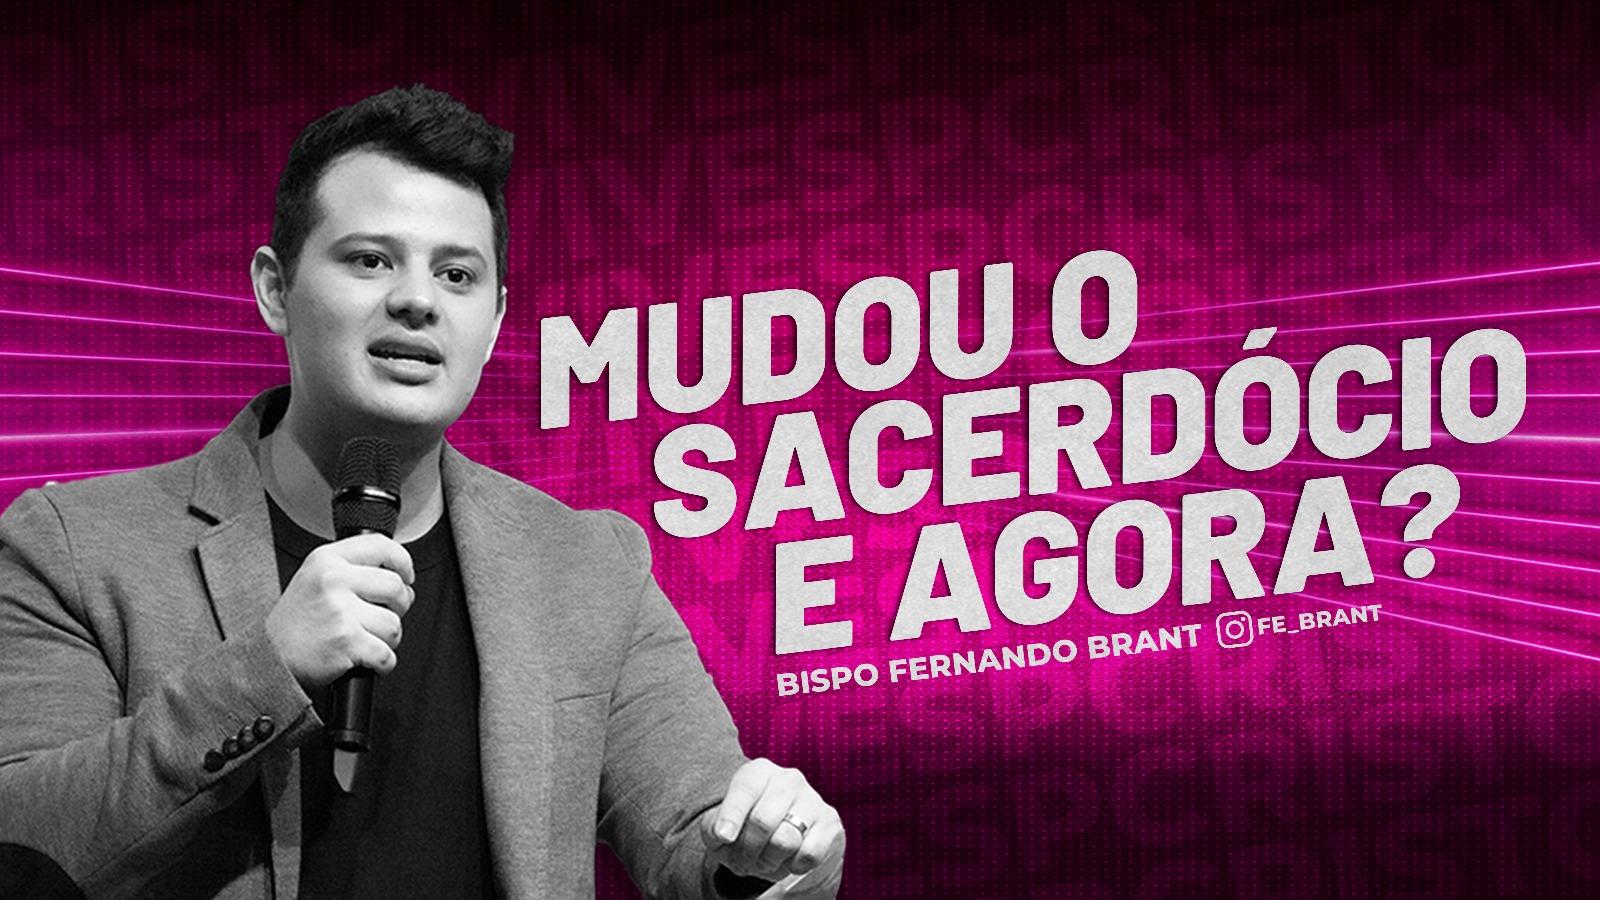 MUDOU O SACERDÓCIO, E AGORA? // 17/10/2021 // Nº 3718